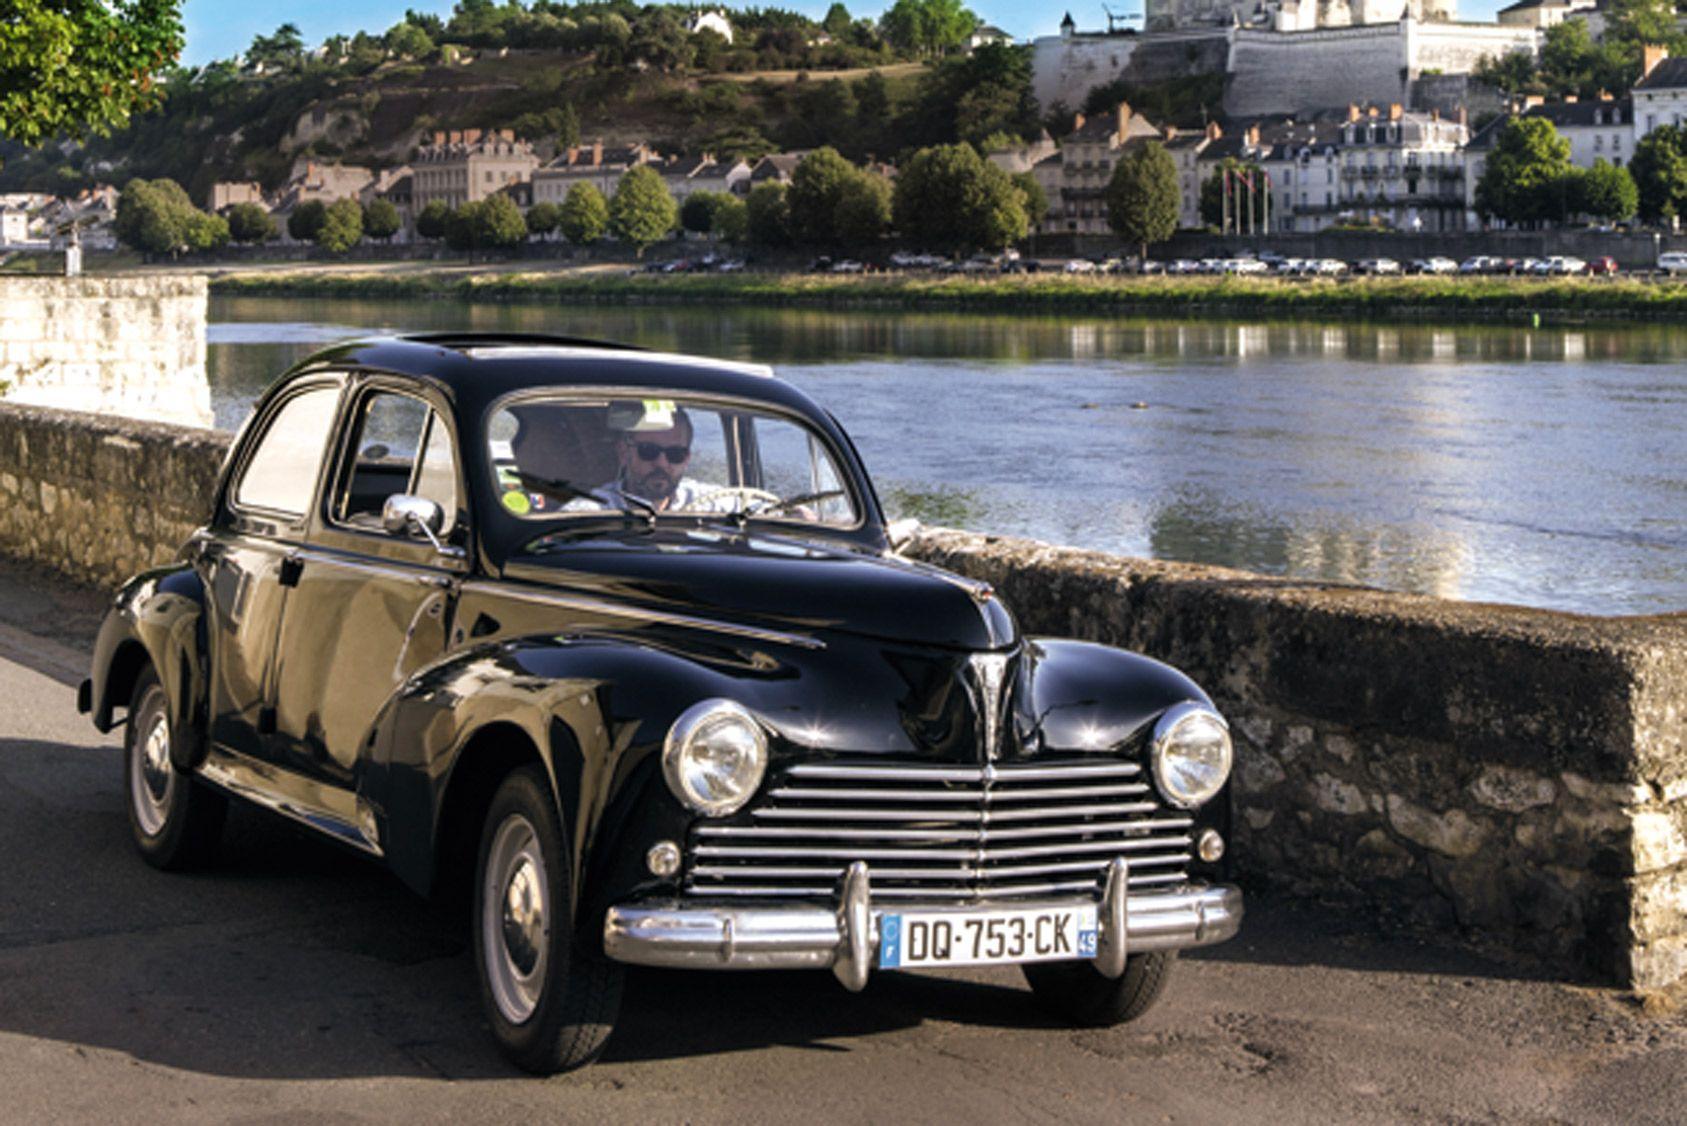 Deux jours au volant d'une voiture de collection sur la route des vins d'Anjou